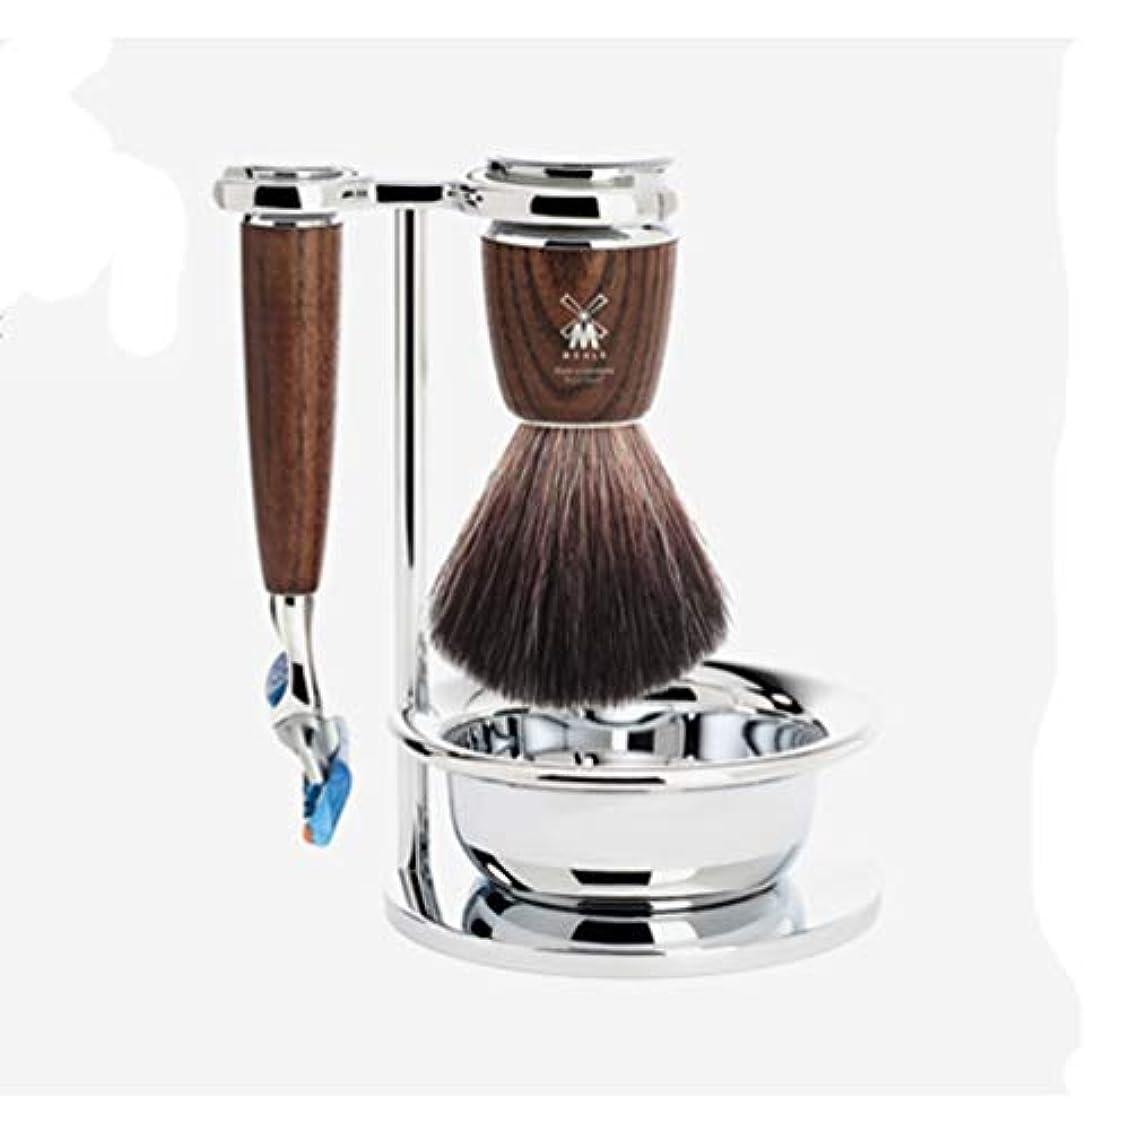 学校教育アームストロング腹部Muller Rytmo Shaving Set ミューレ シェービングセットFusion Gilletteの互換性 (かみそり+剃るスタンド+剃毛ボール+シェービングブラシ)(並行輸入品)